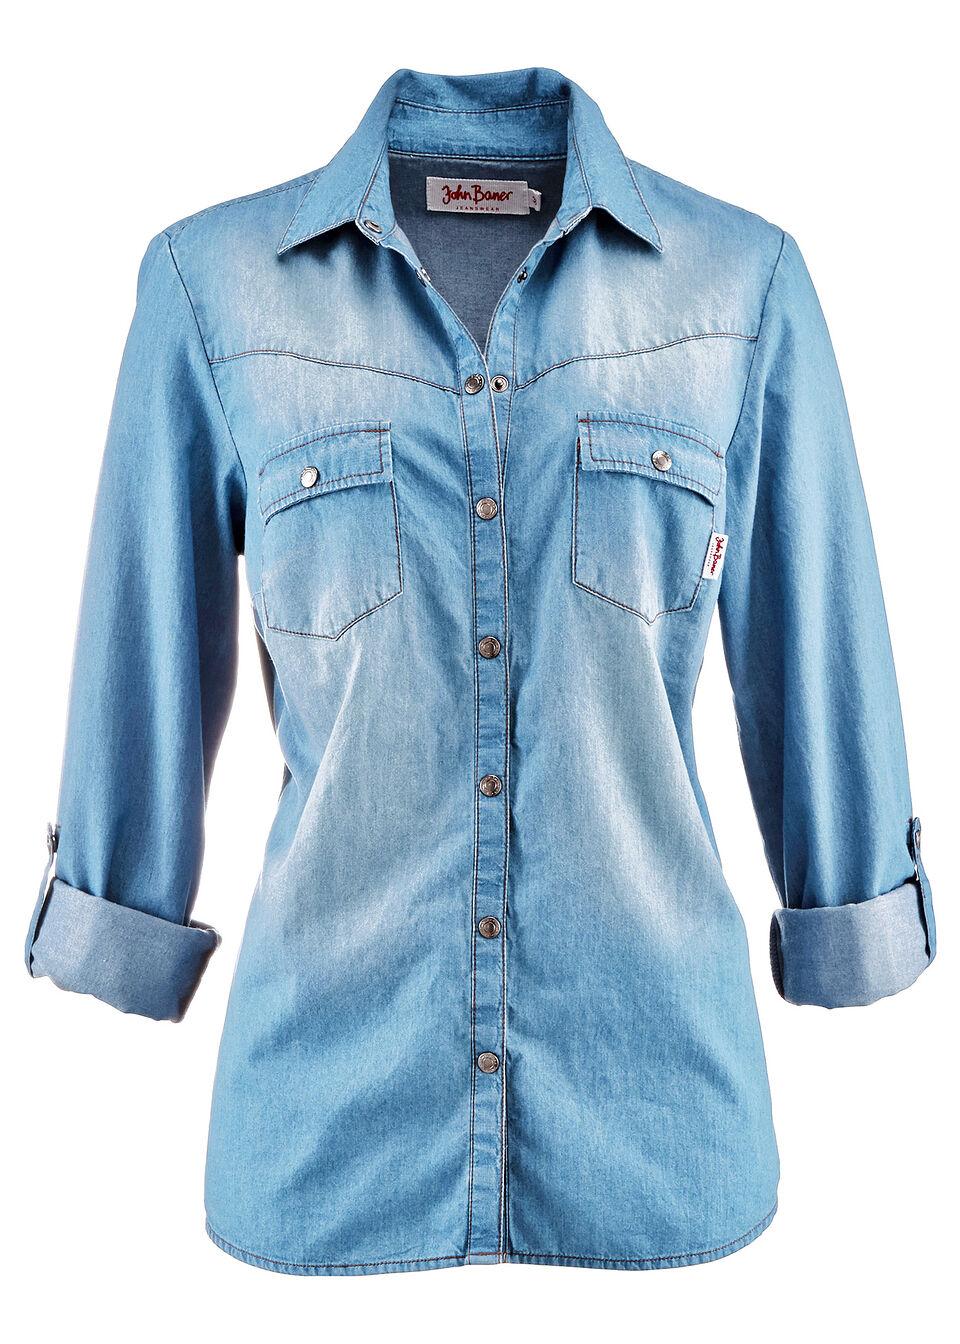 Джинсовая блузка с застежкой на кнопки и длинным рукавом от bonprix